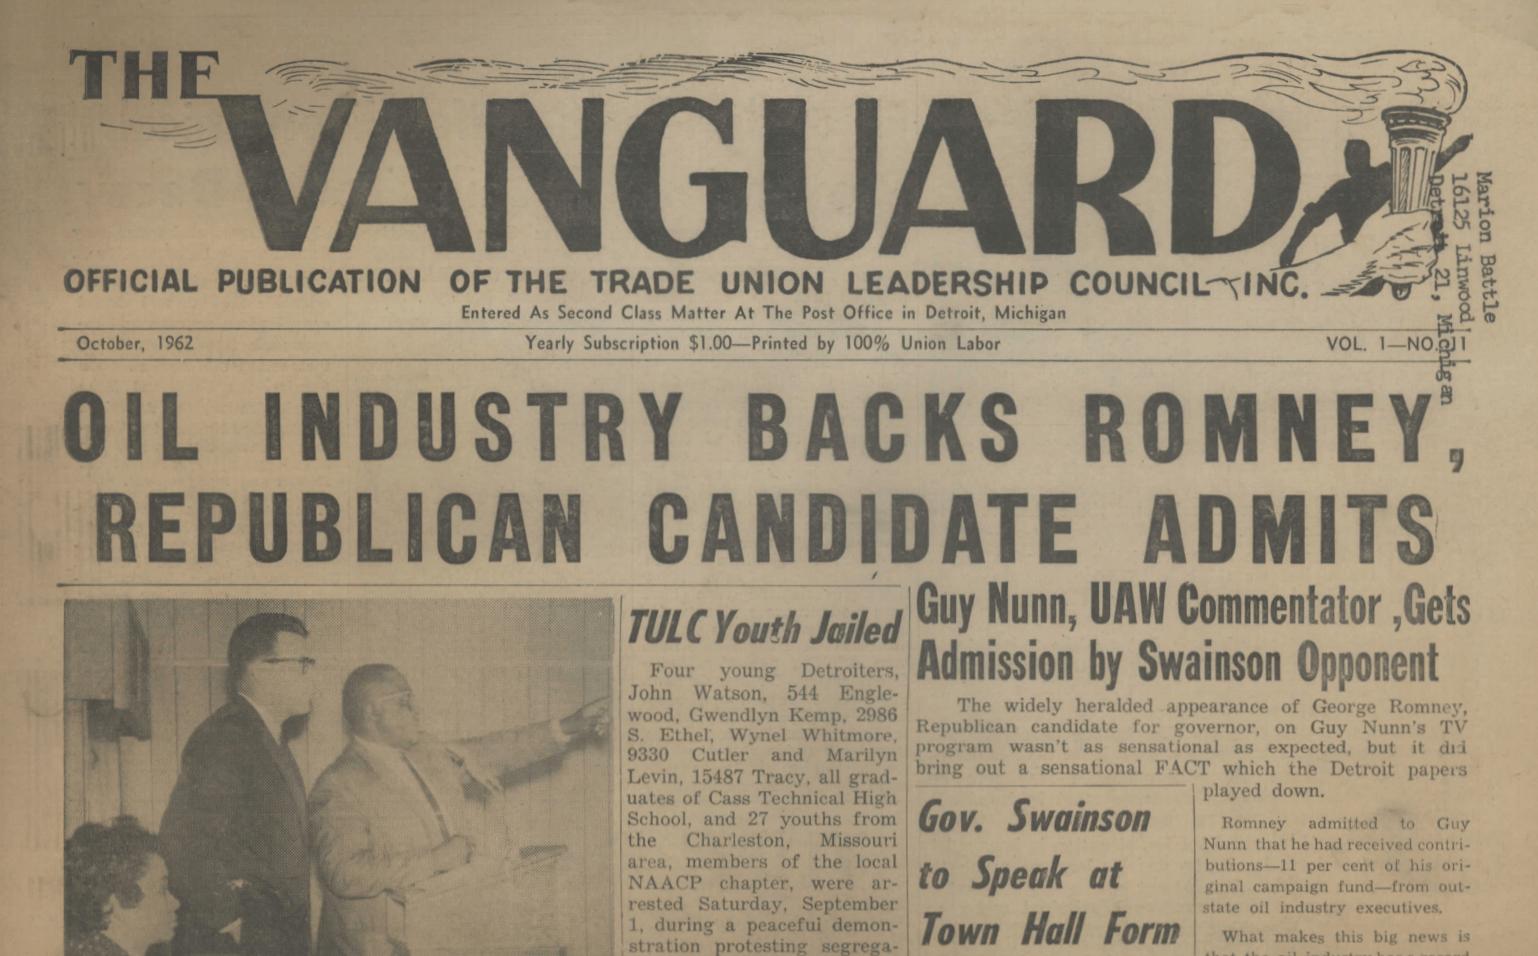 The Vanguard (October 1962)